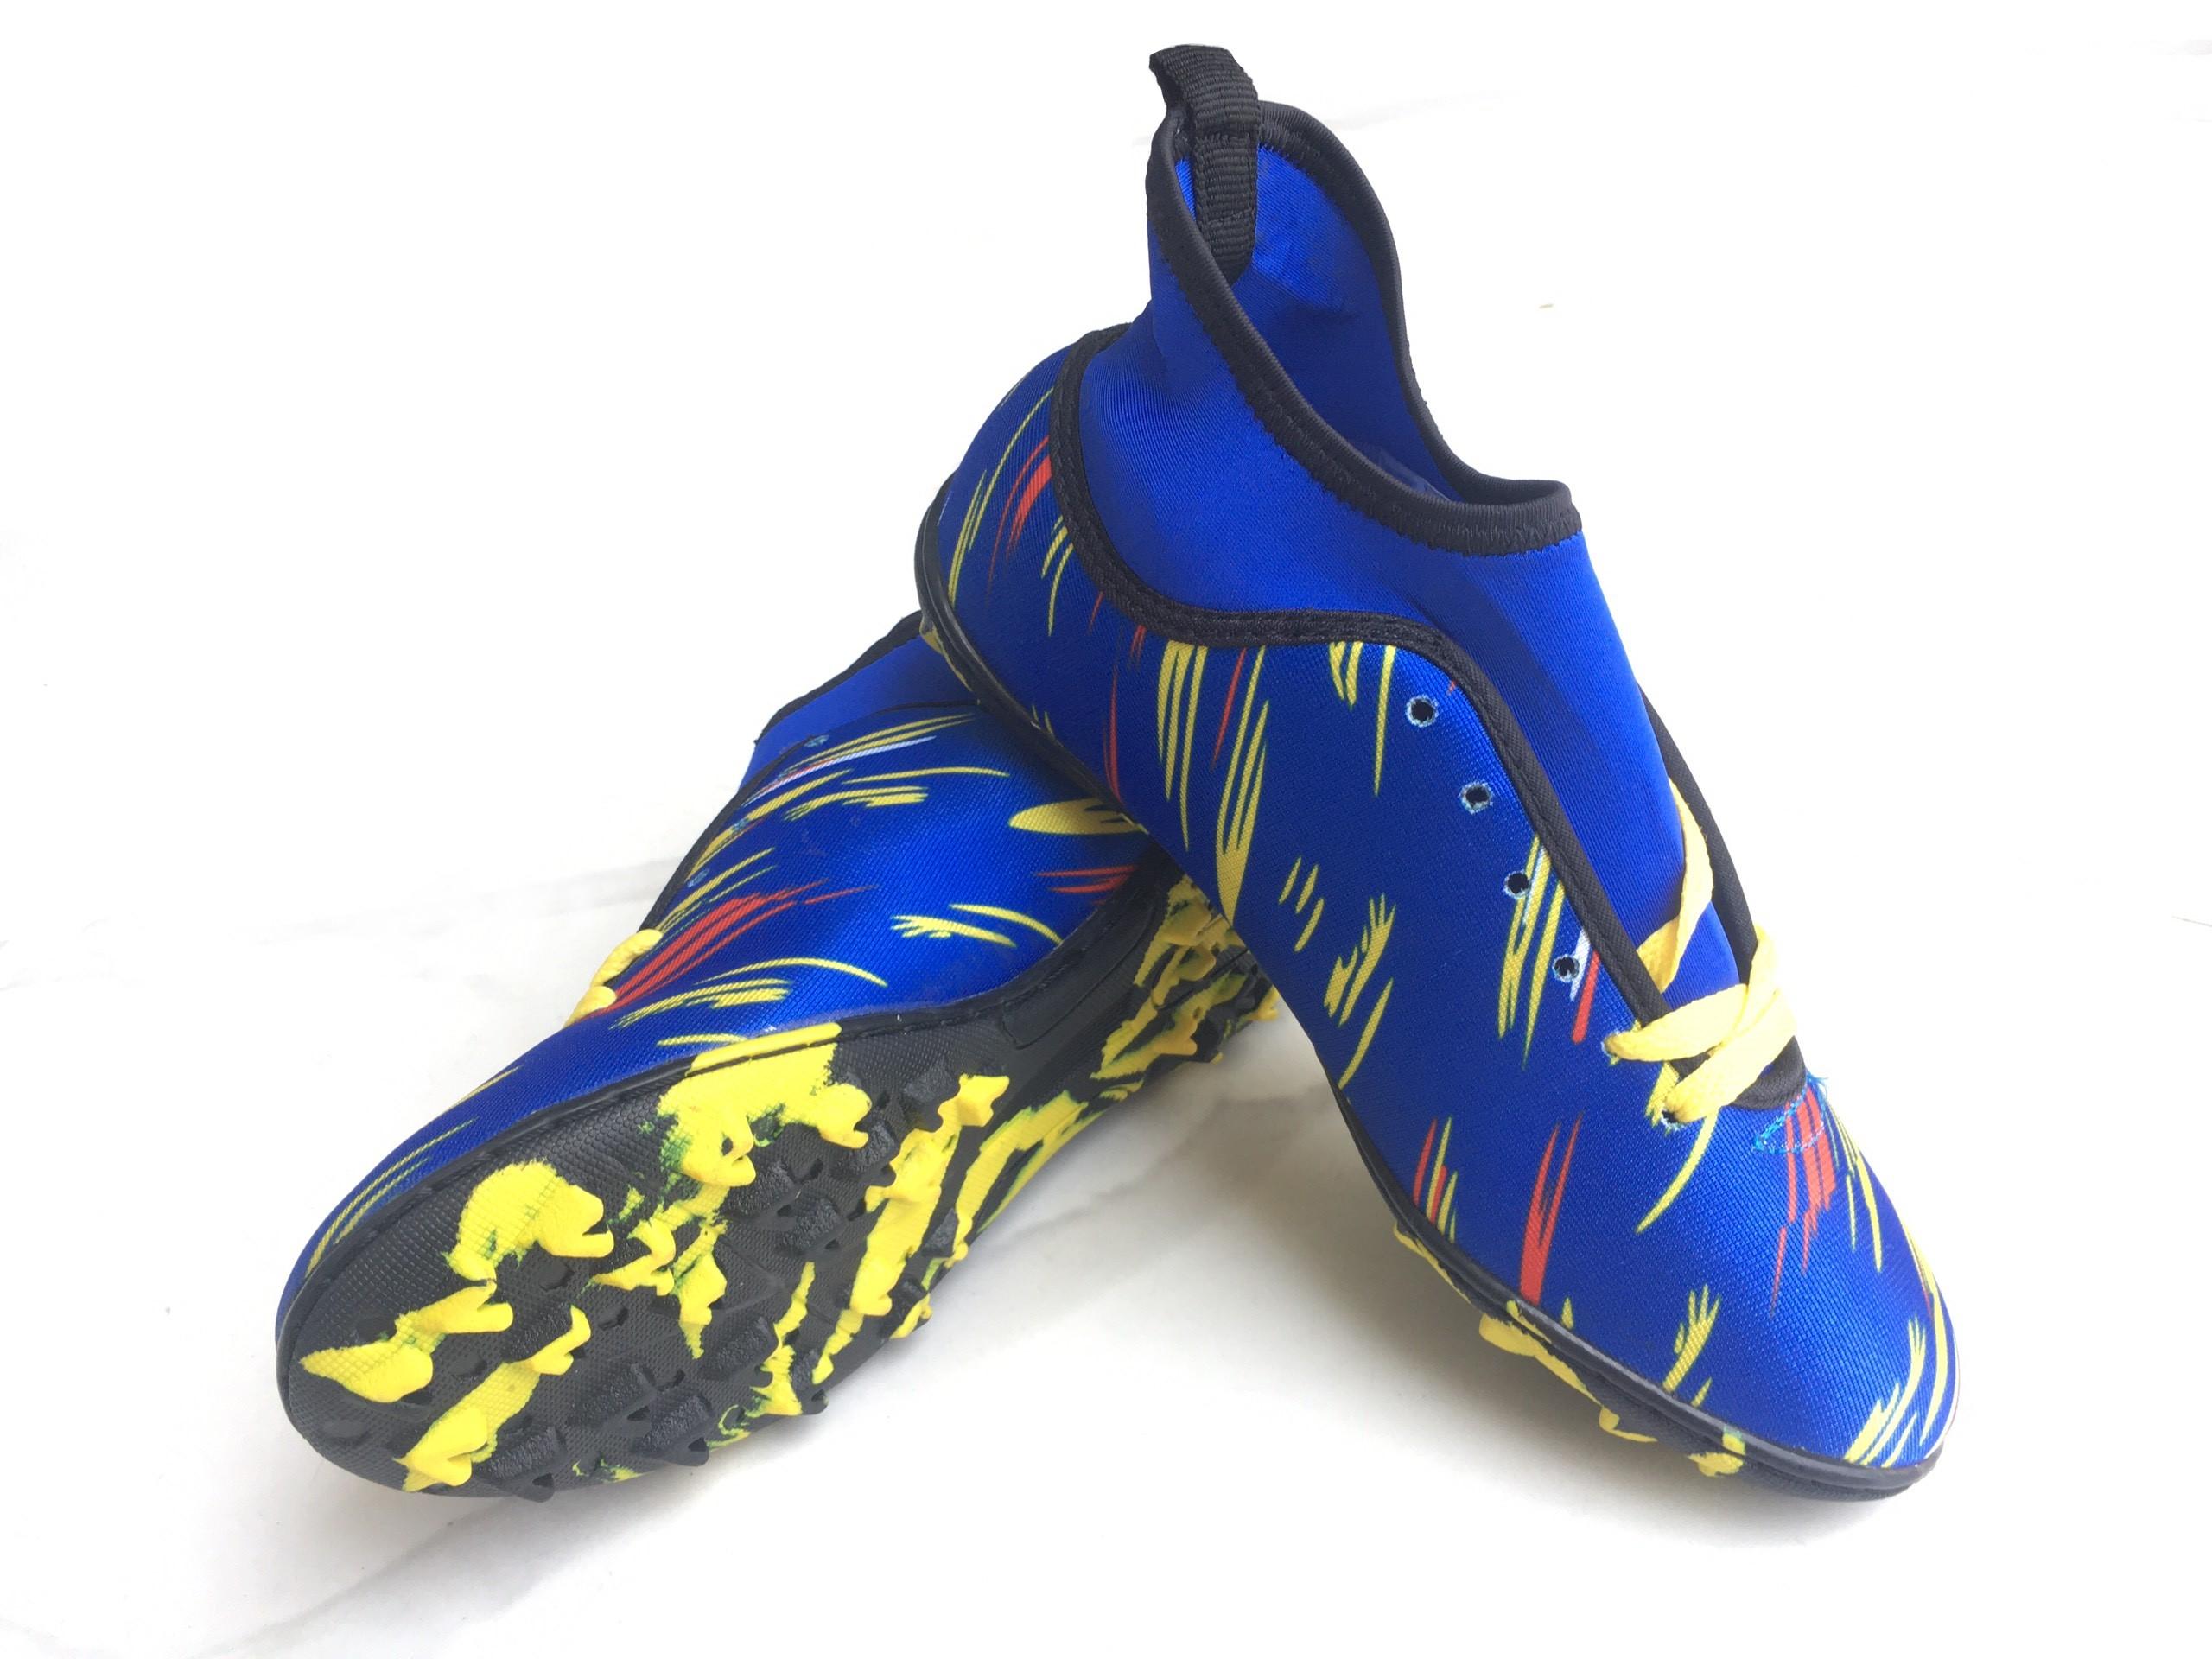 Giày Đá Bóng Cổ Thun Sân Cỏ Nhân Tạo Mẫu Mới 2021